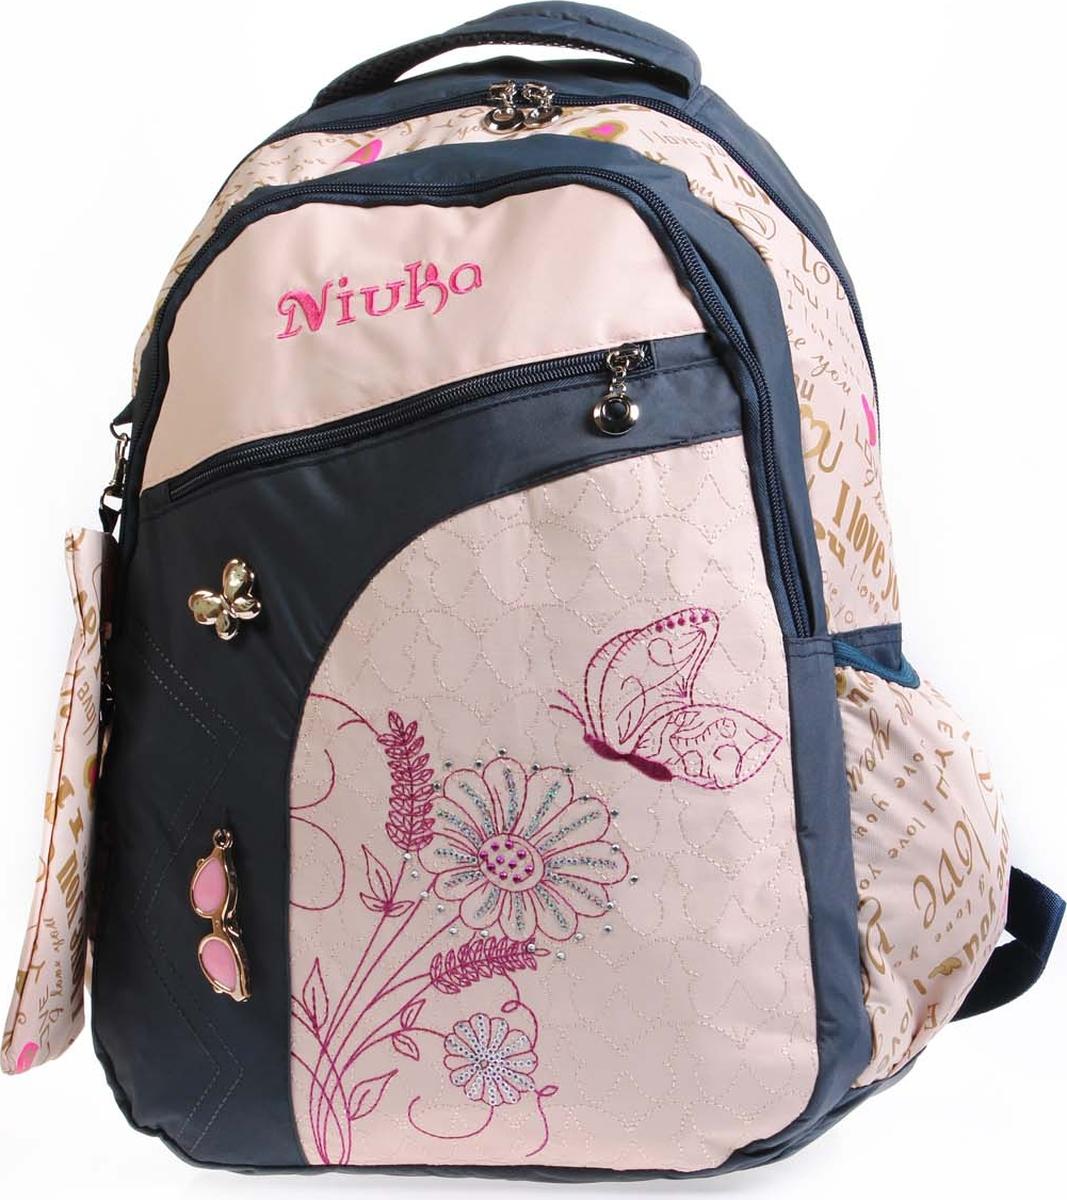 Фото - Vittorio Richi Рюкзак детский с наполнением цвет бежевый серый K05RNK172_1 vittorio richi рюкзак детский с наполнением цвет черный бежевый k05rn171